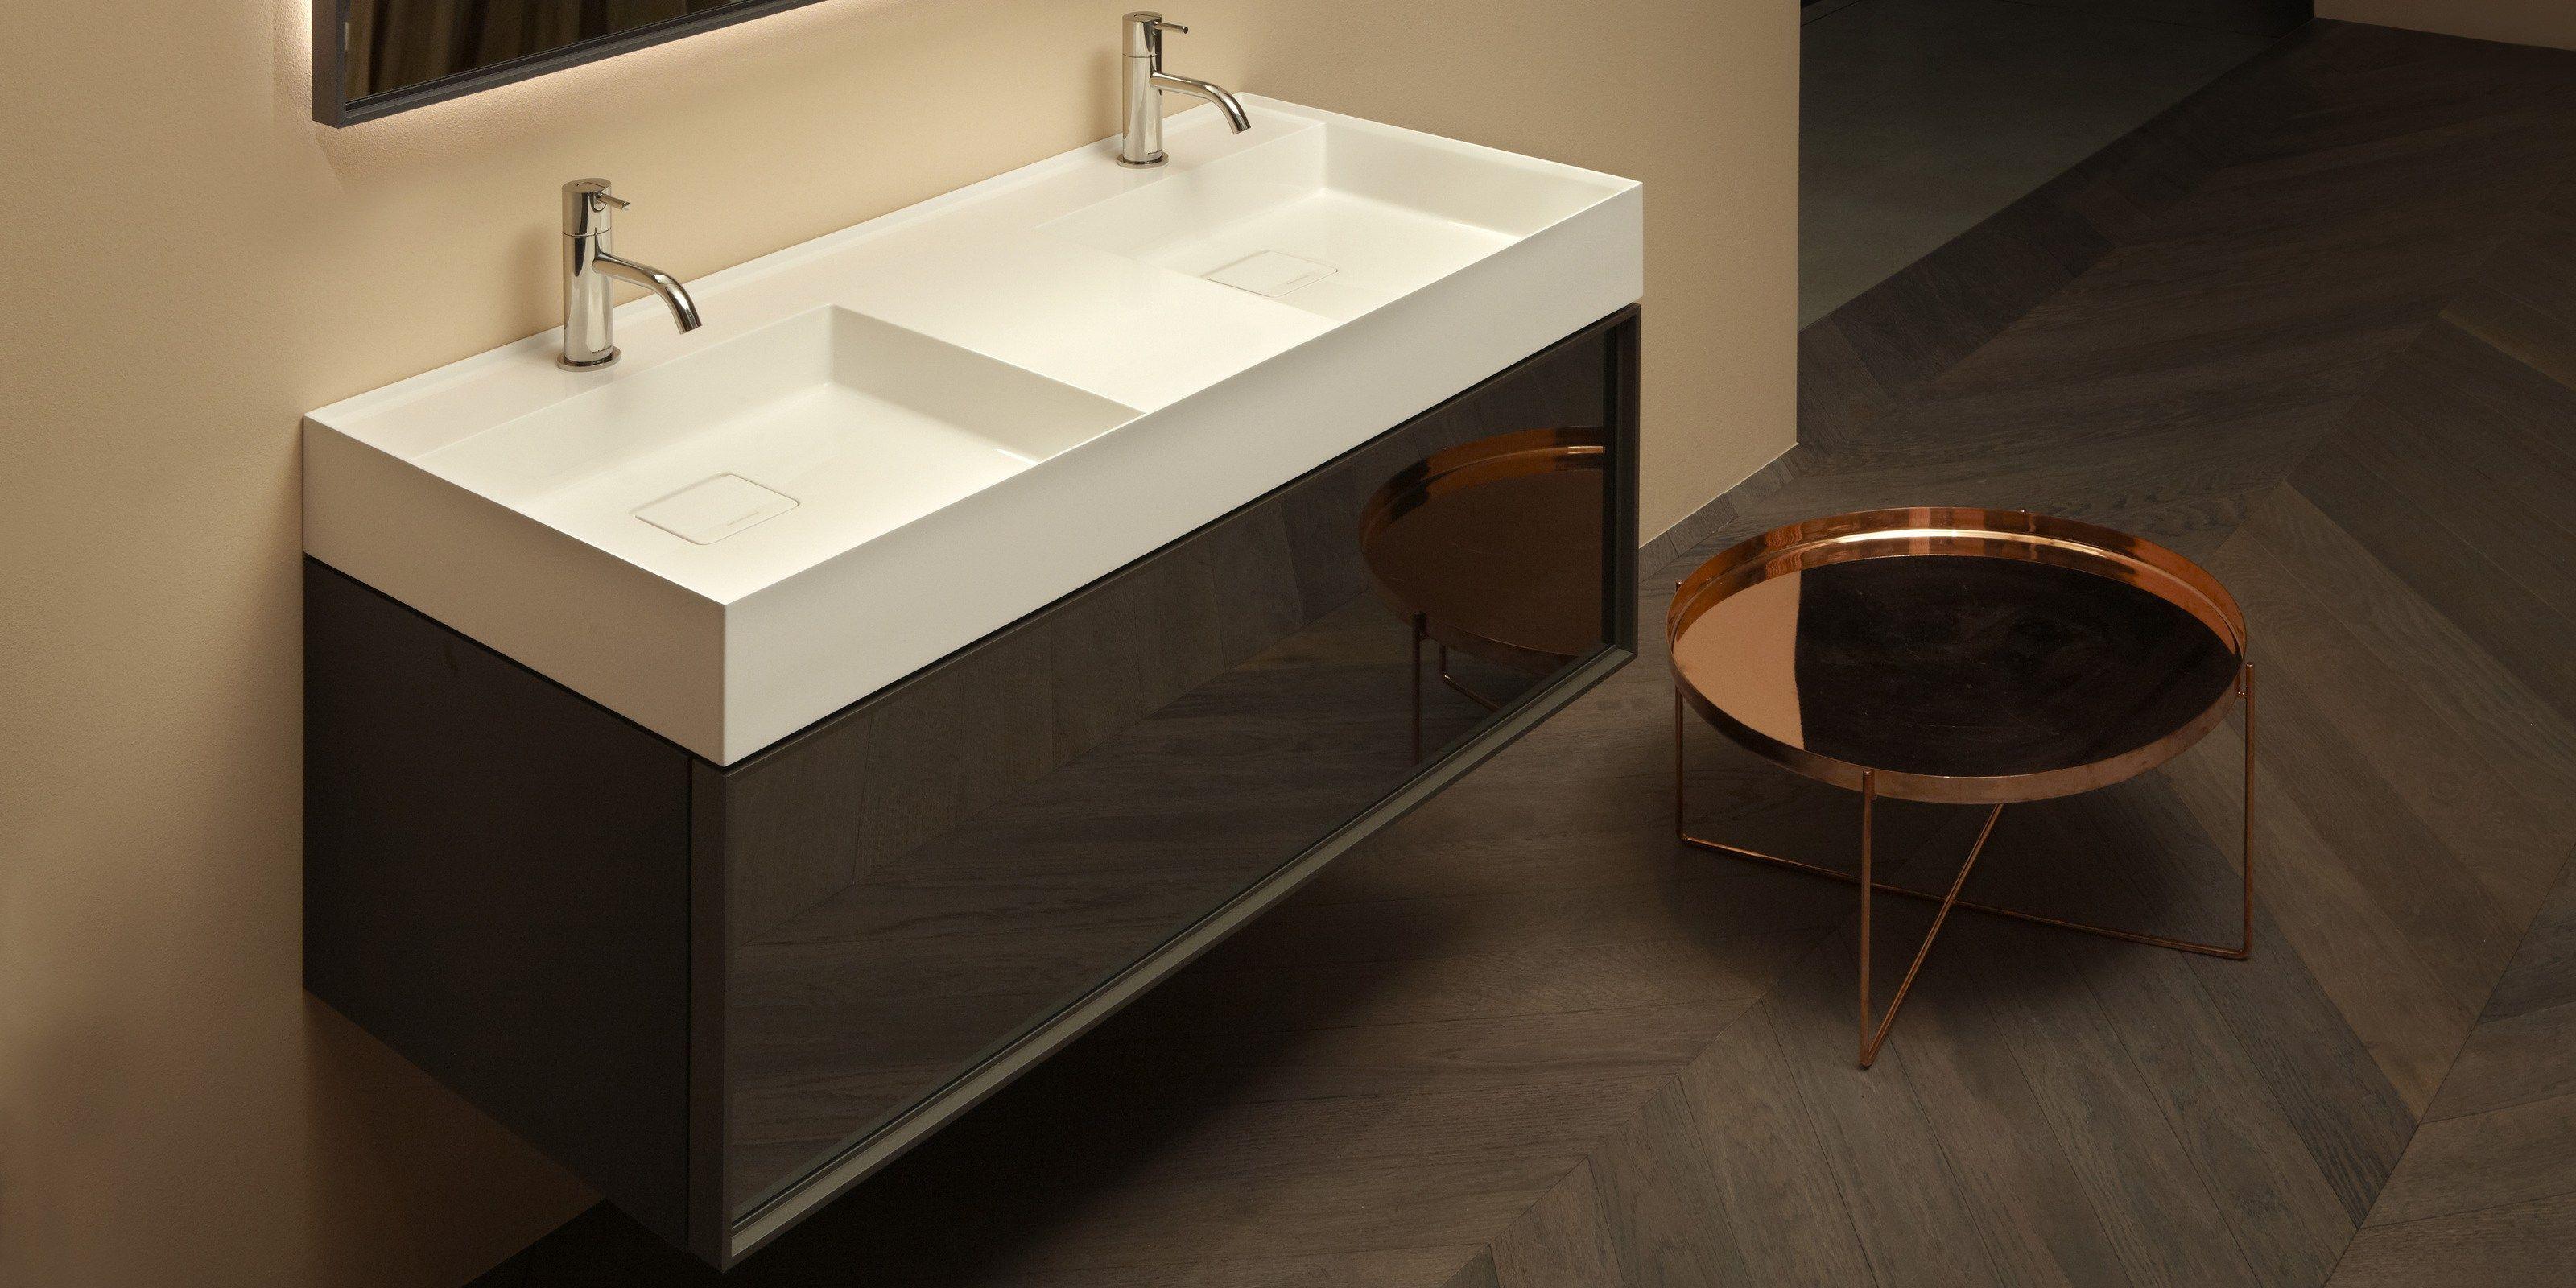 Mobile lavabo / arredo bagno completo GRAFFIO  Arredo bagno completo ...